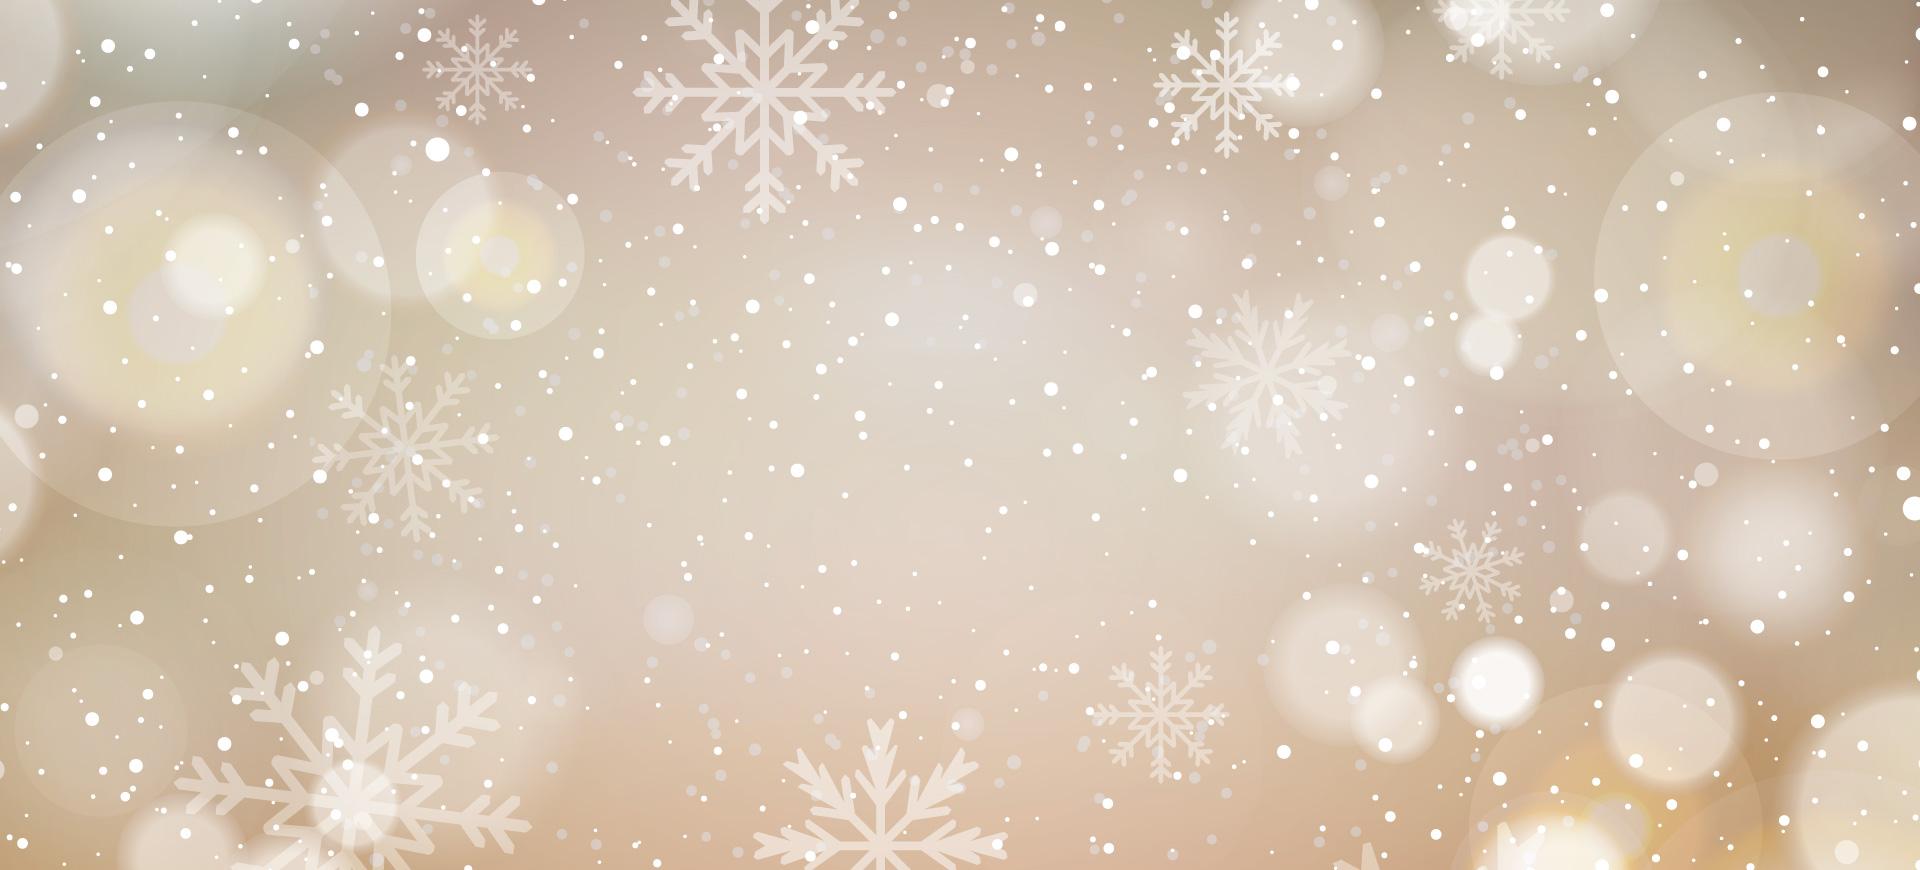 Celebra Nochebuena y Nochevieja con nosotros